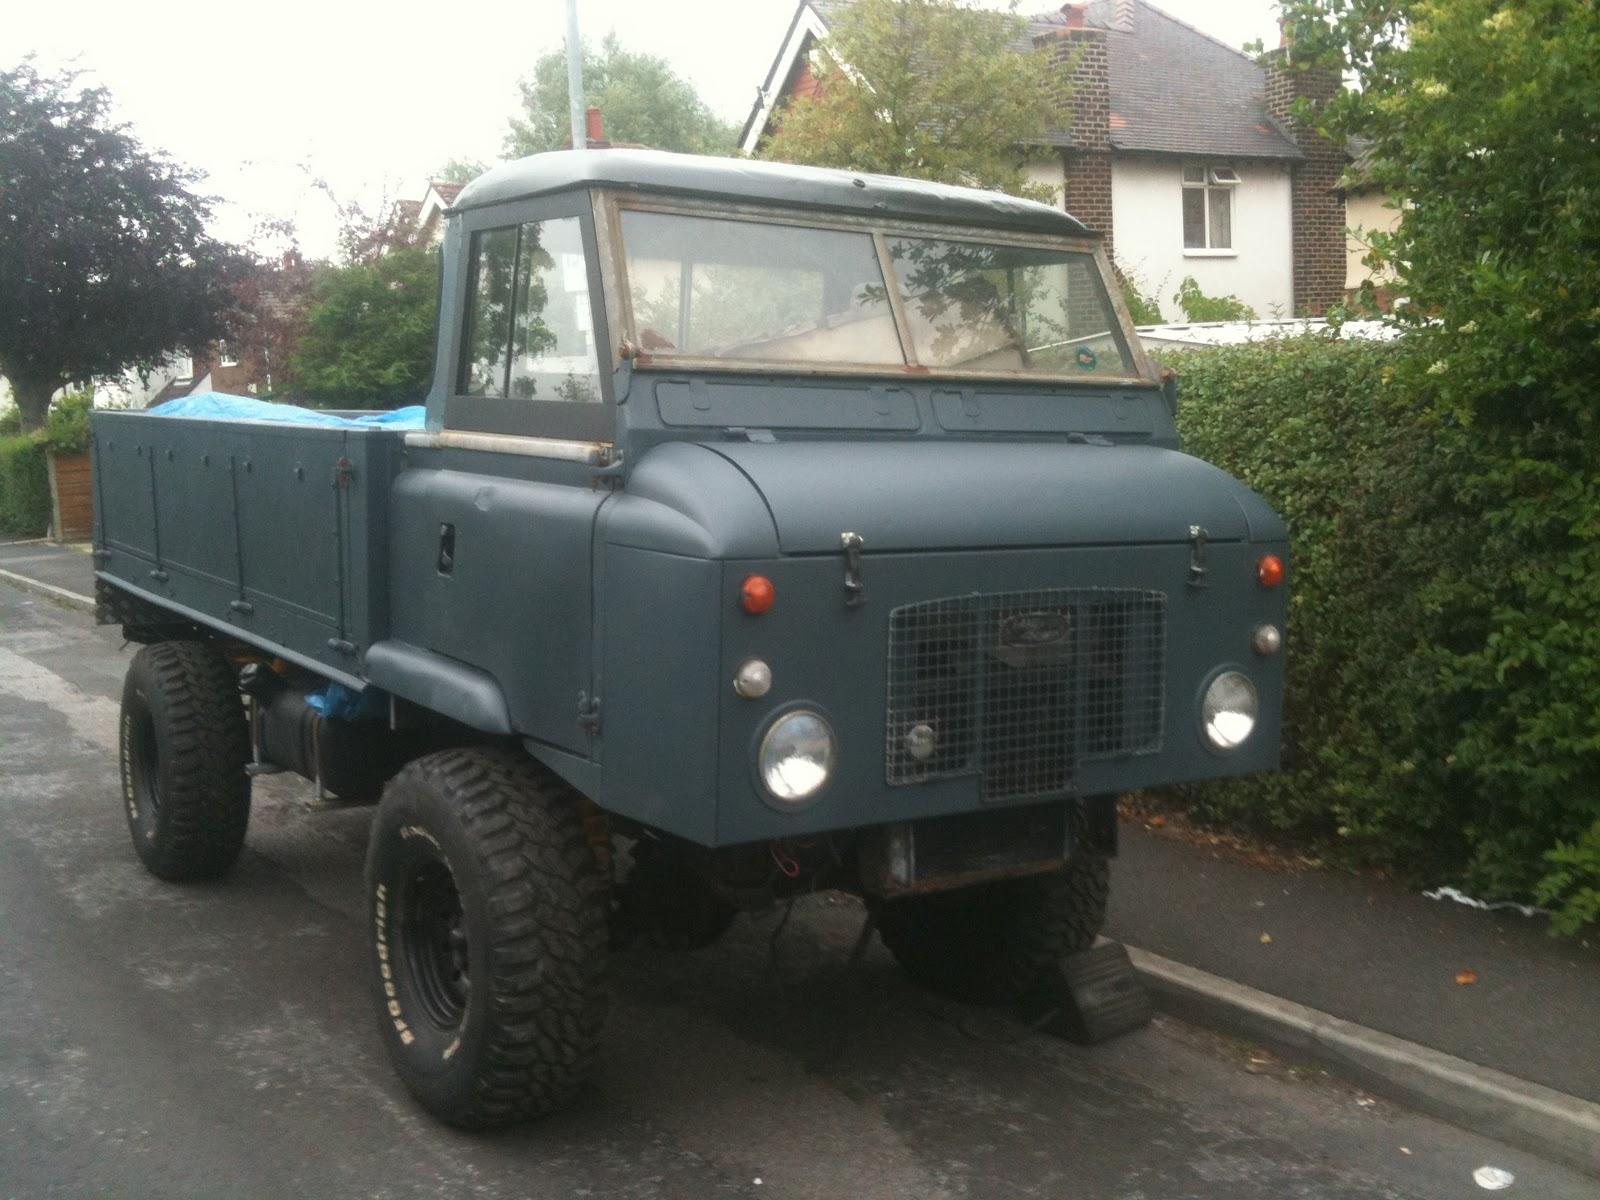 e Land Rover is never enough